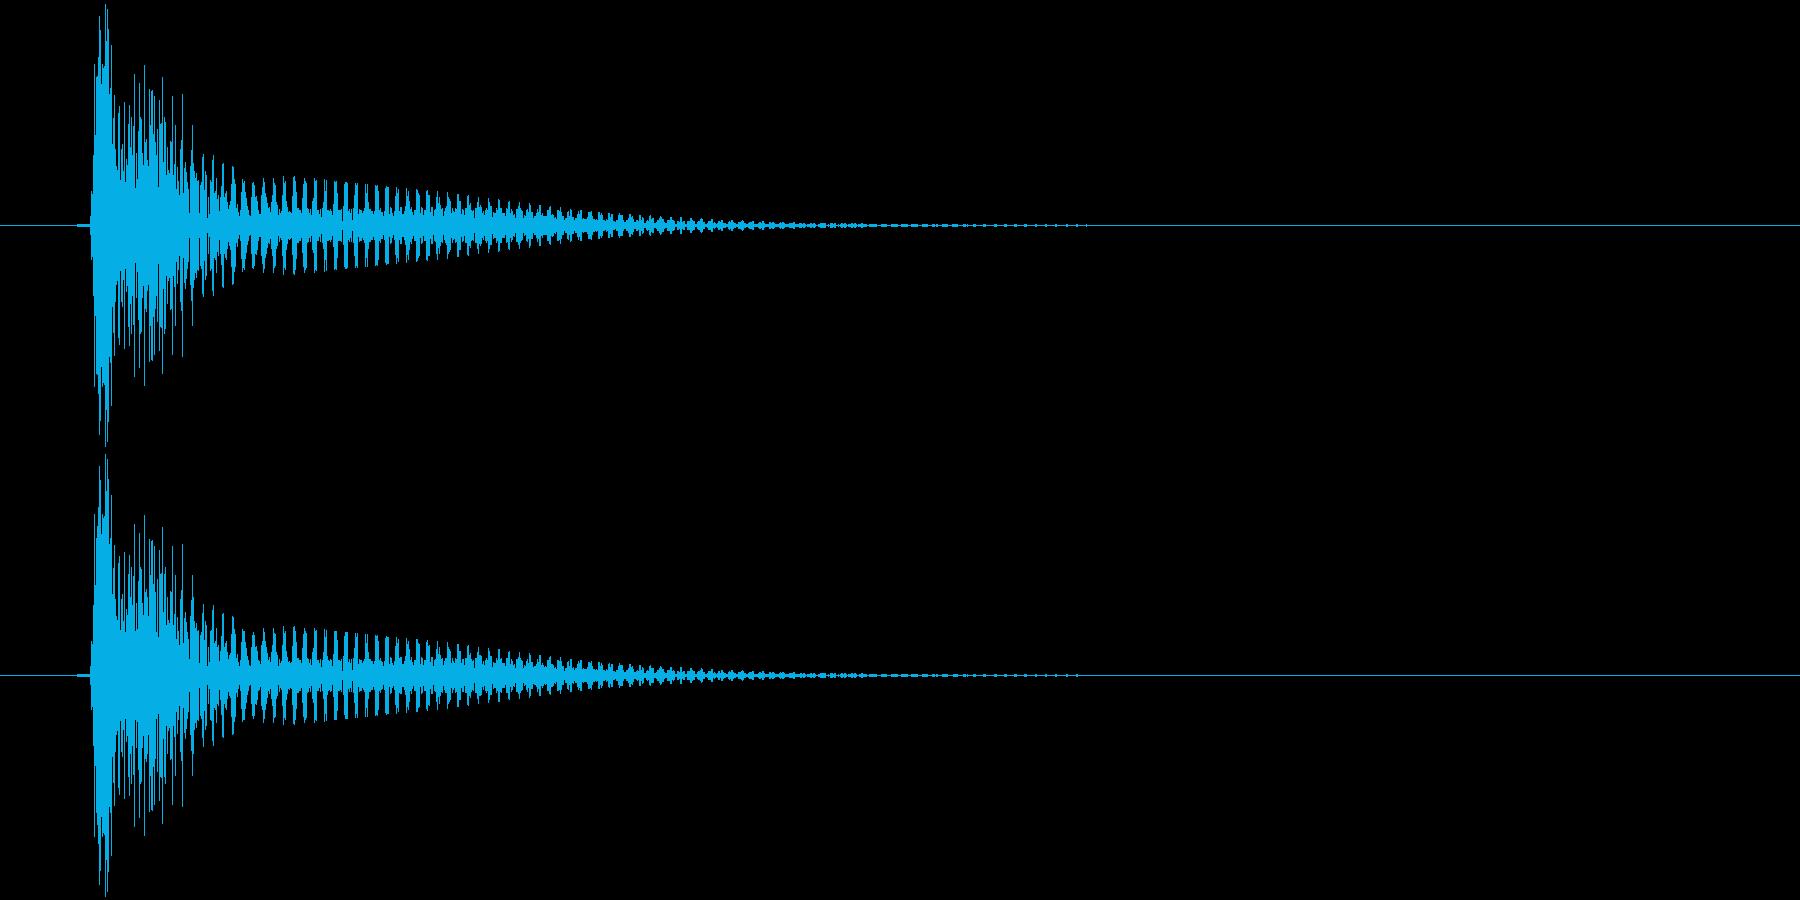 トン(高めの弦的な音)の再生済みの波形